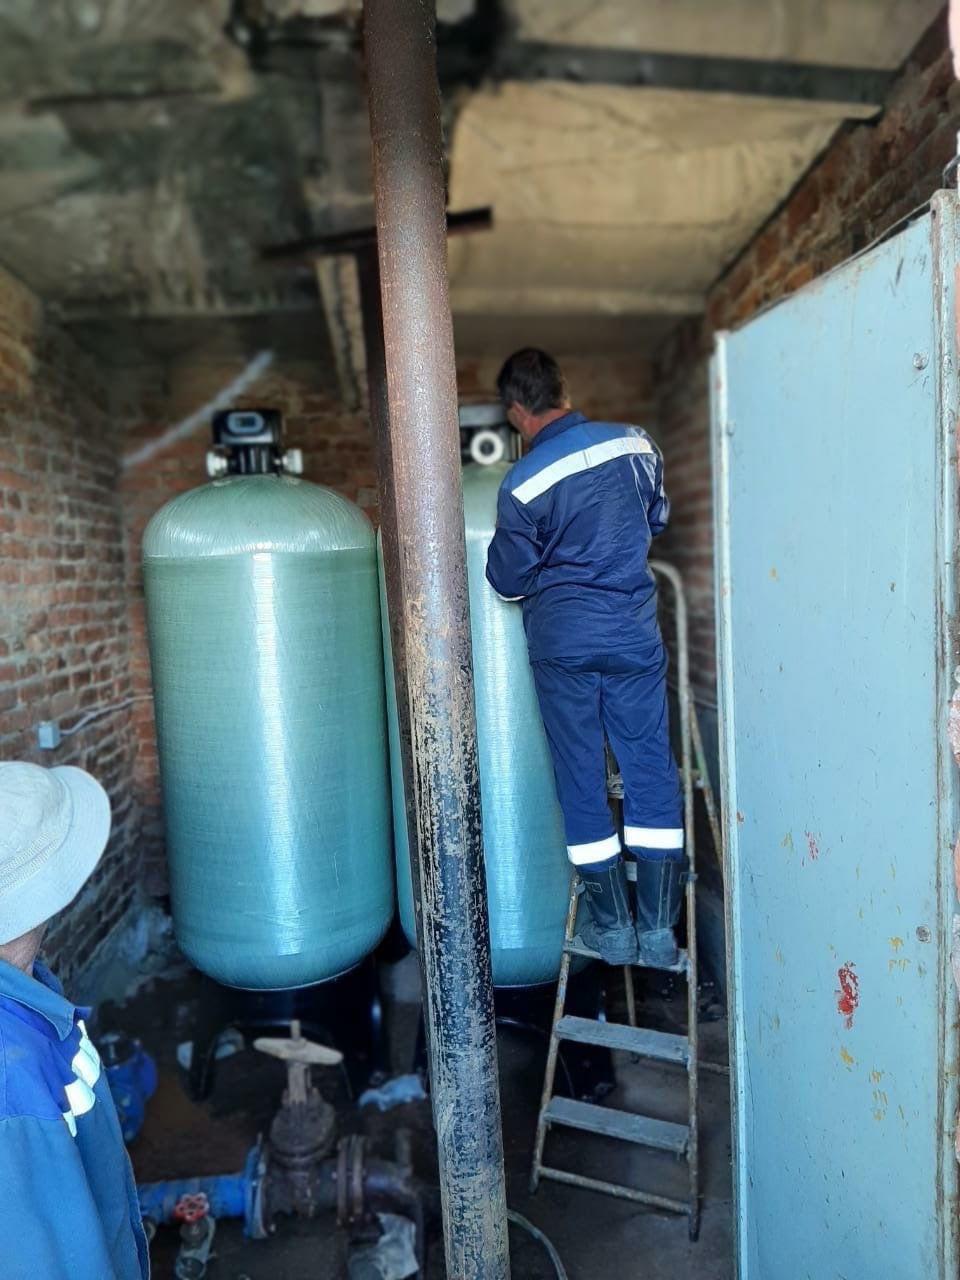 11 июня на скважину Лесокомбинатского микрорайона привезли и установили оборудование по обезжелезиванию воды.